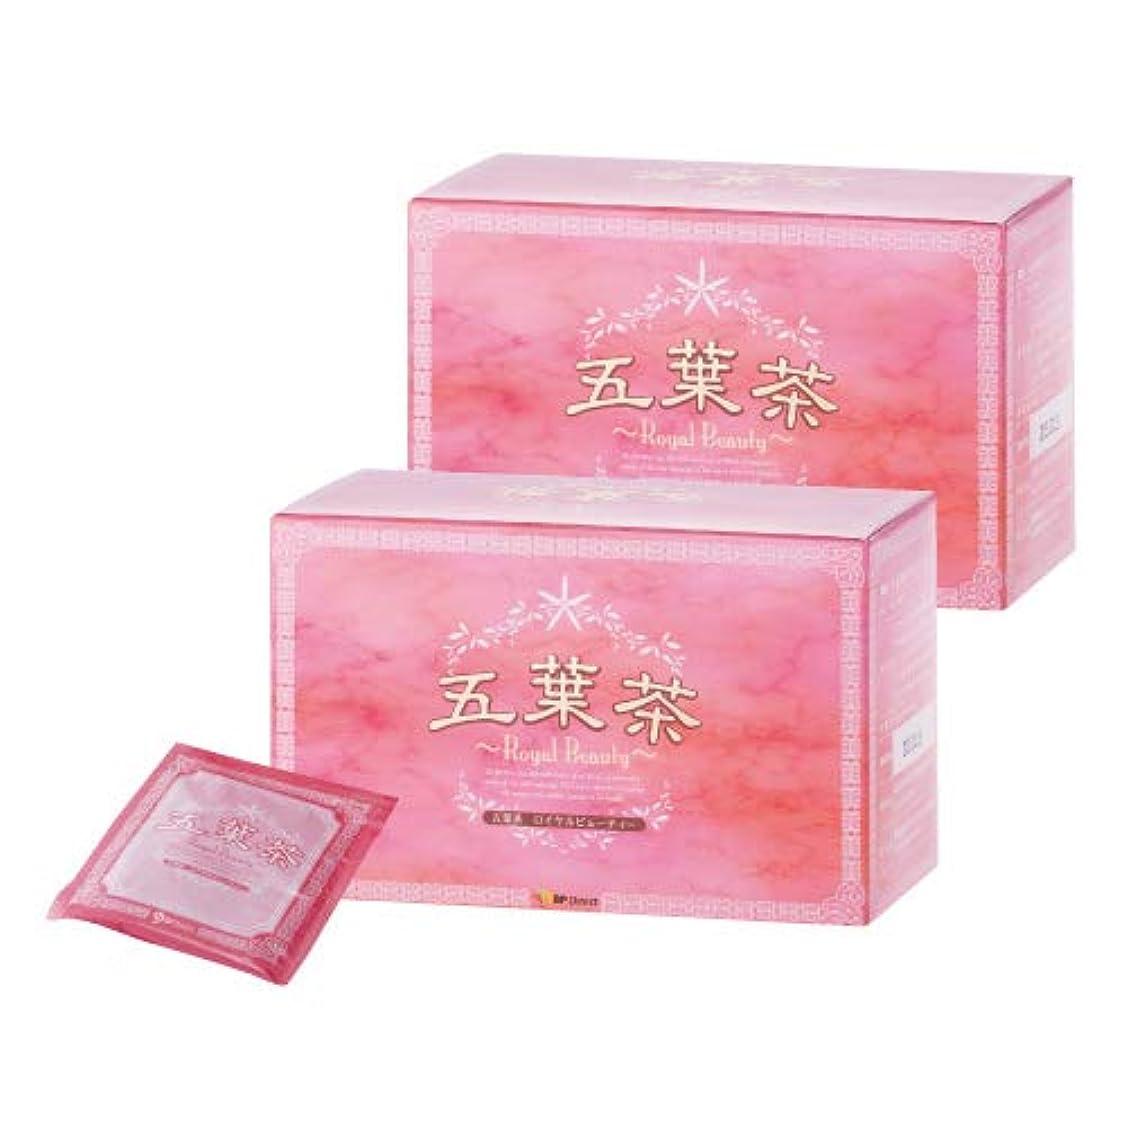 ドロップジムベッド五葉茶ロイヤルビューティー 30包 2箱セット ダイエット ダイエット茶 ダイエットティー 難消化性デキストリン